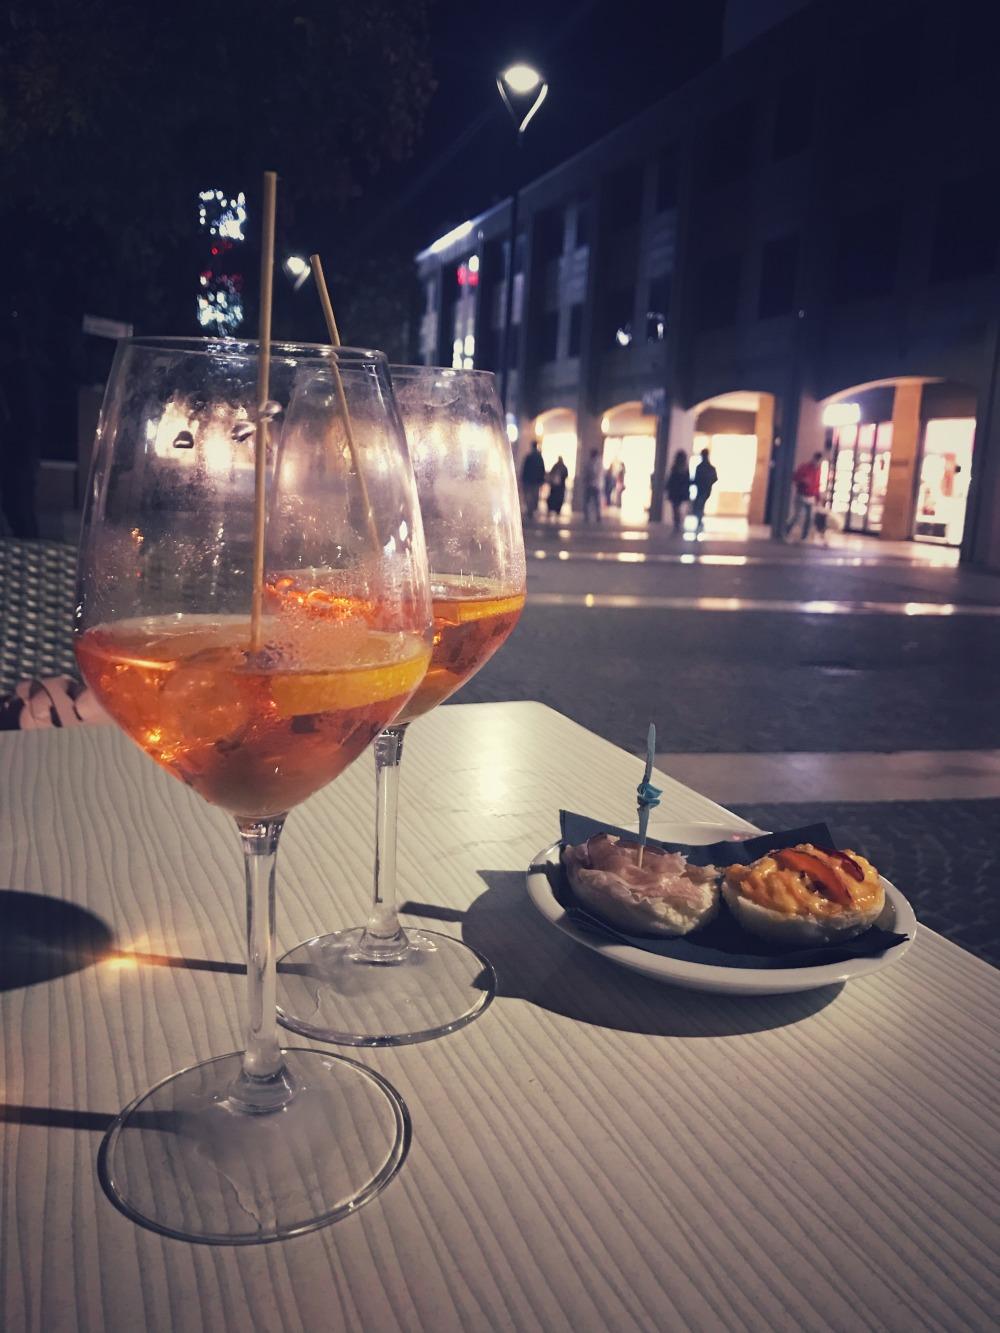 Spritz & Cicchetti in Mestre, Venice